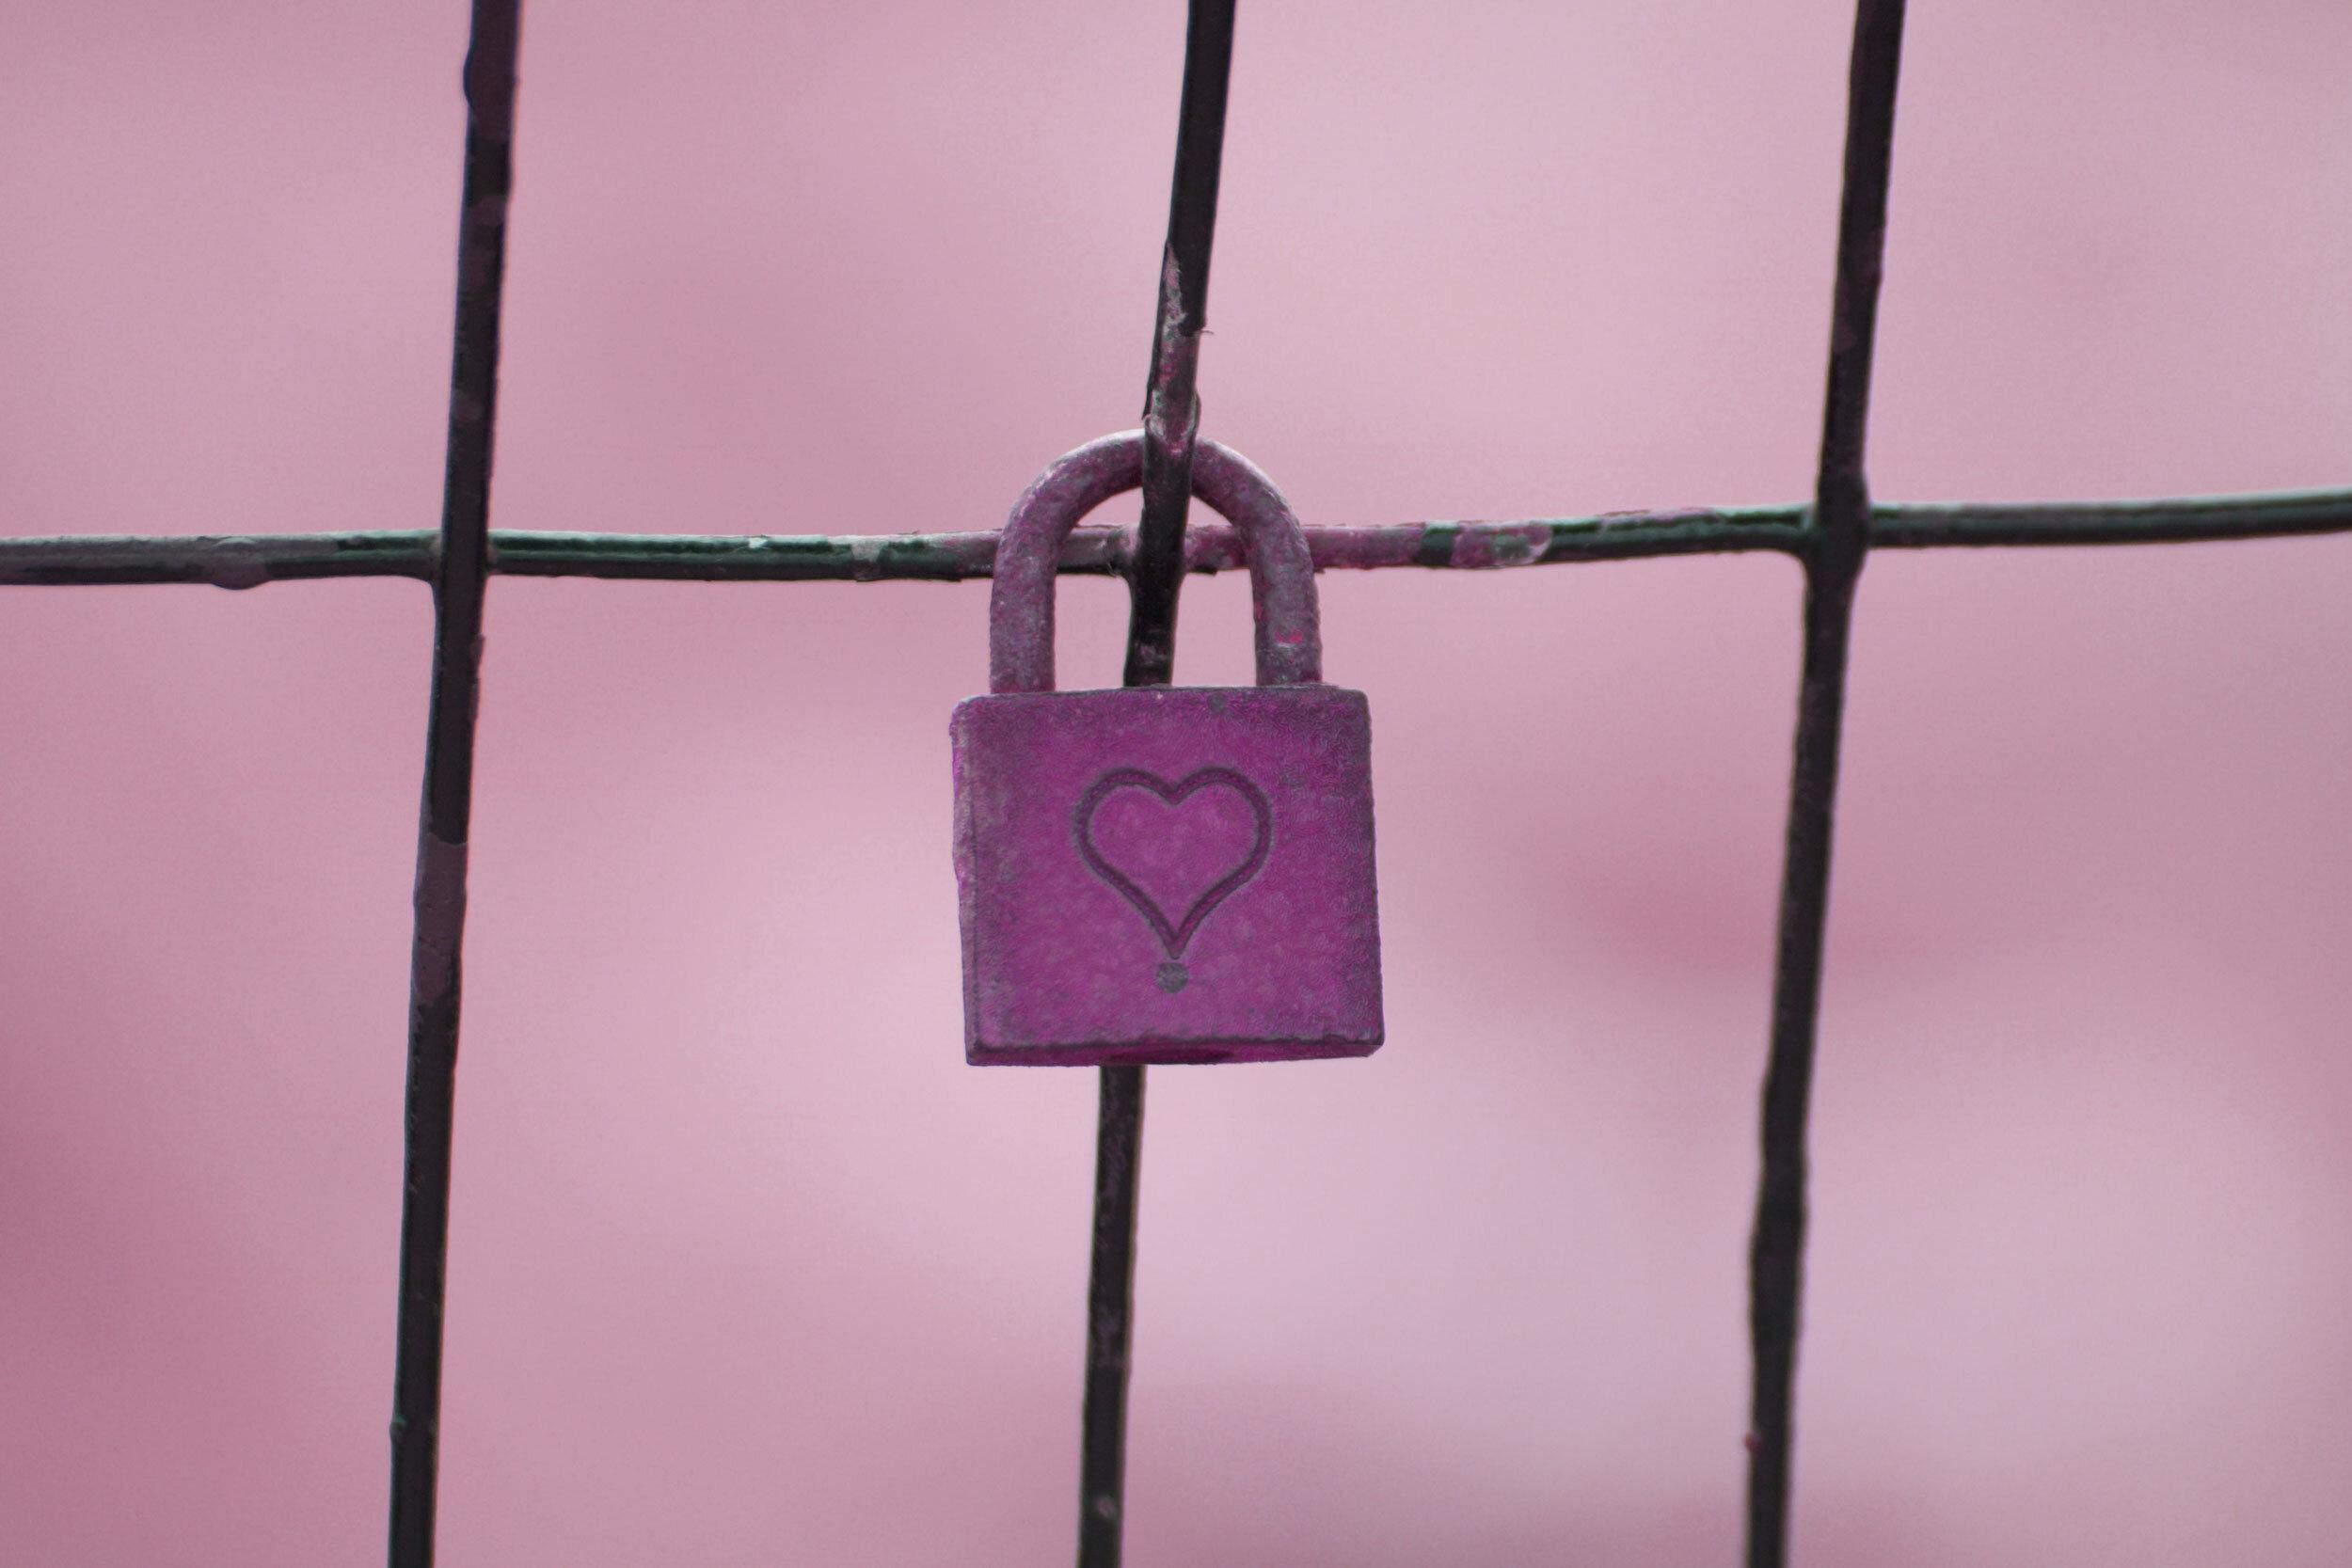 Madickengården har stort fokus på säkerhet och på att individen förstår och omhändertar sin egen säkerhet.